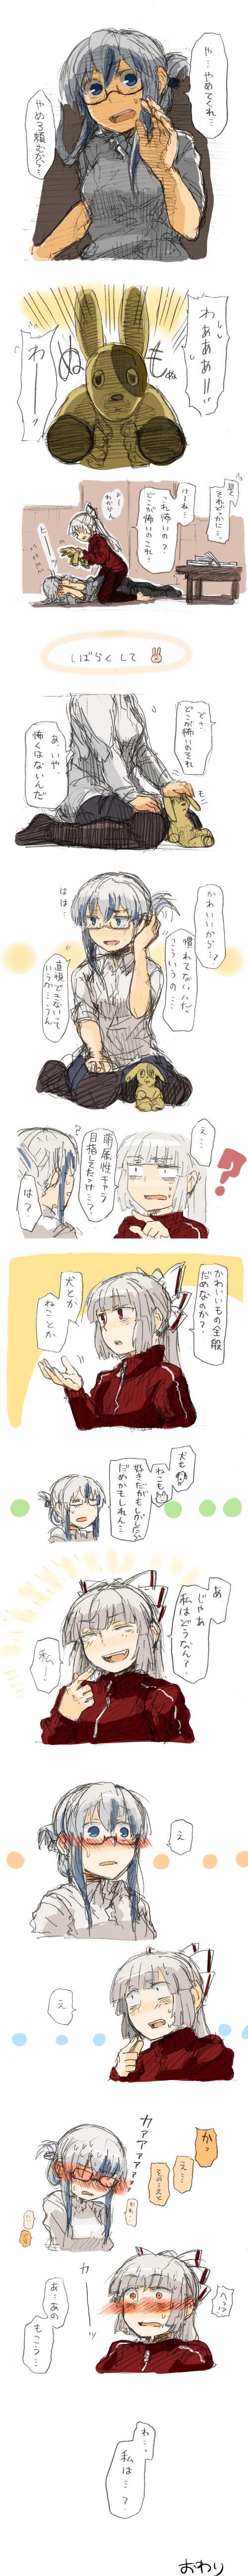 fujiwara no mokou and kamishirasawa keine (touhou) drawn by kirusu